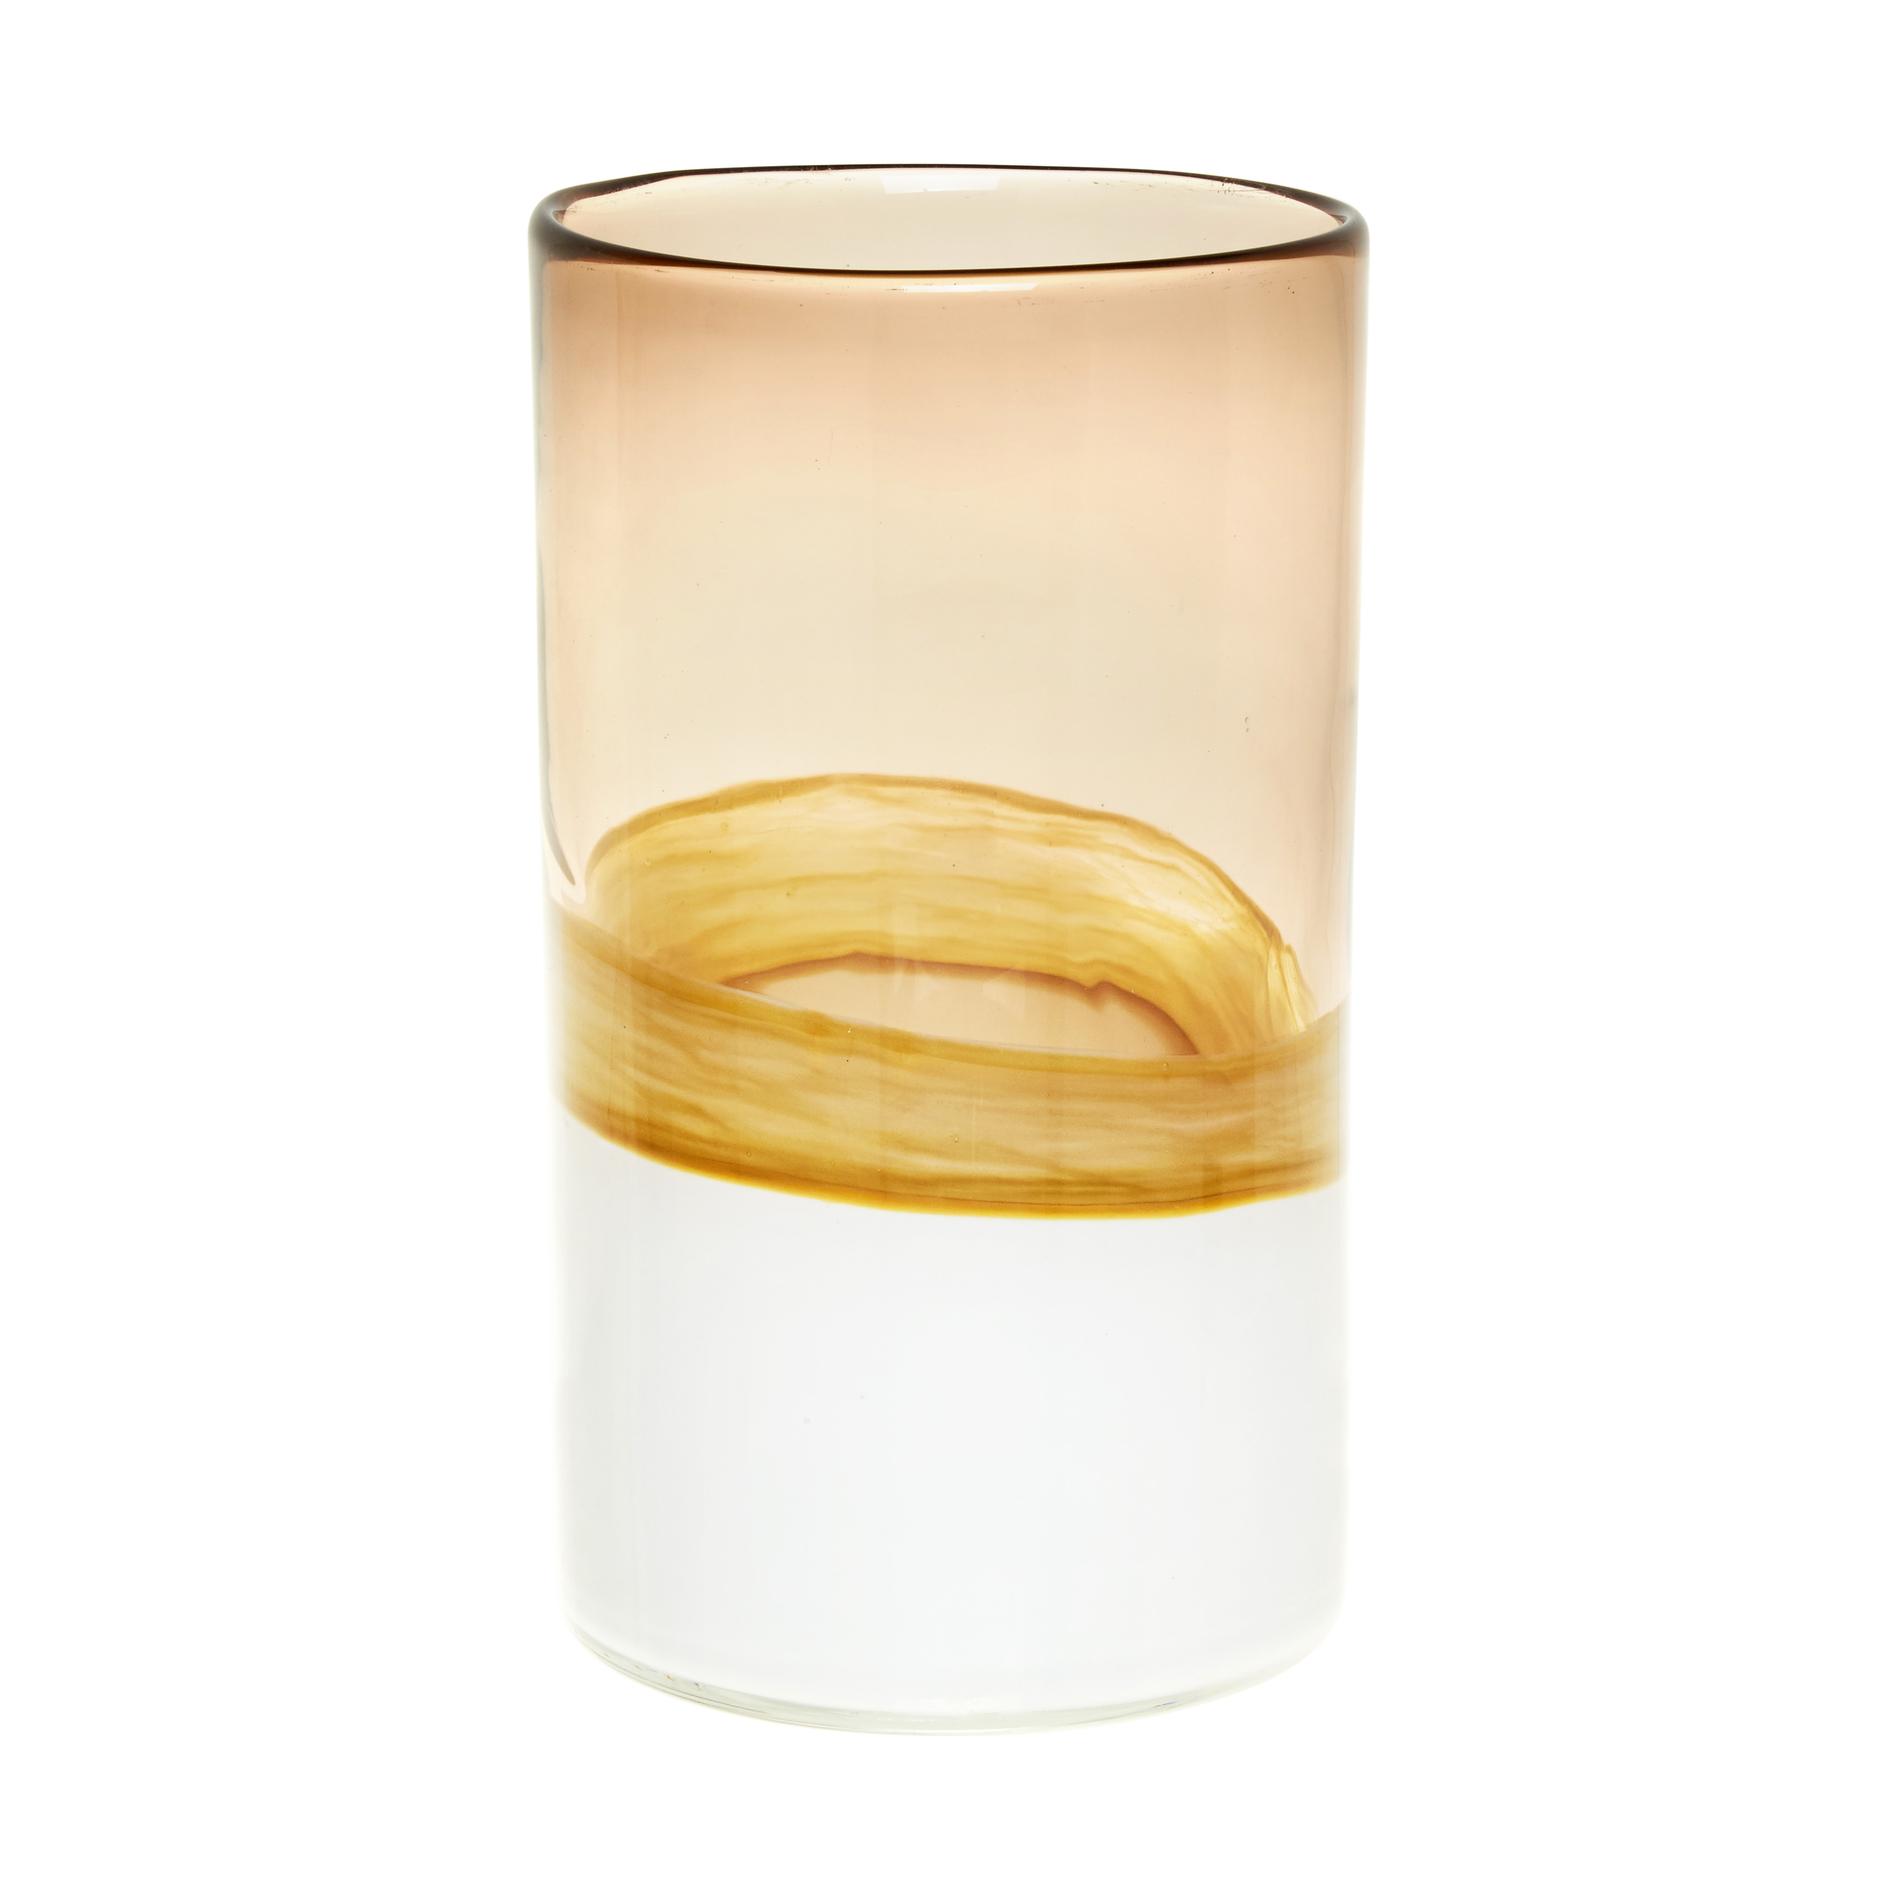 Portacandele in vetro bicolore fatto a mano coincasa - Portacandele in vetro ...